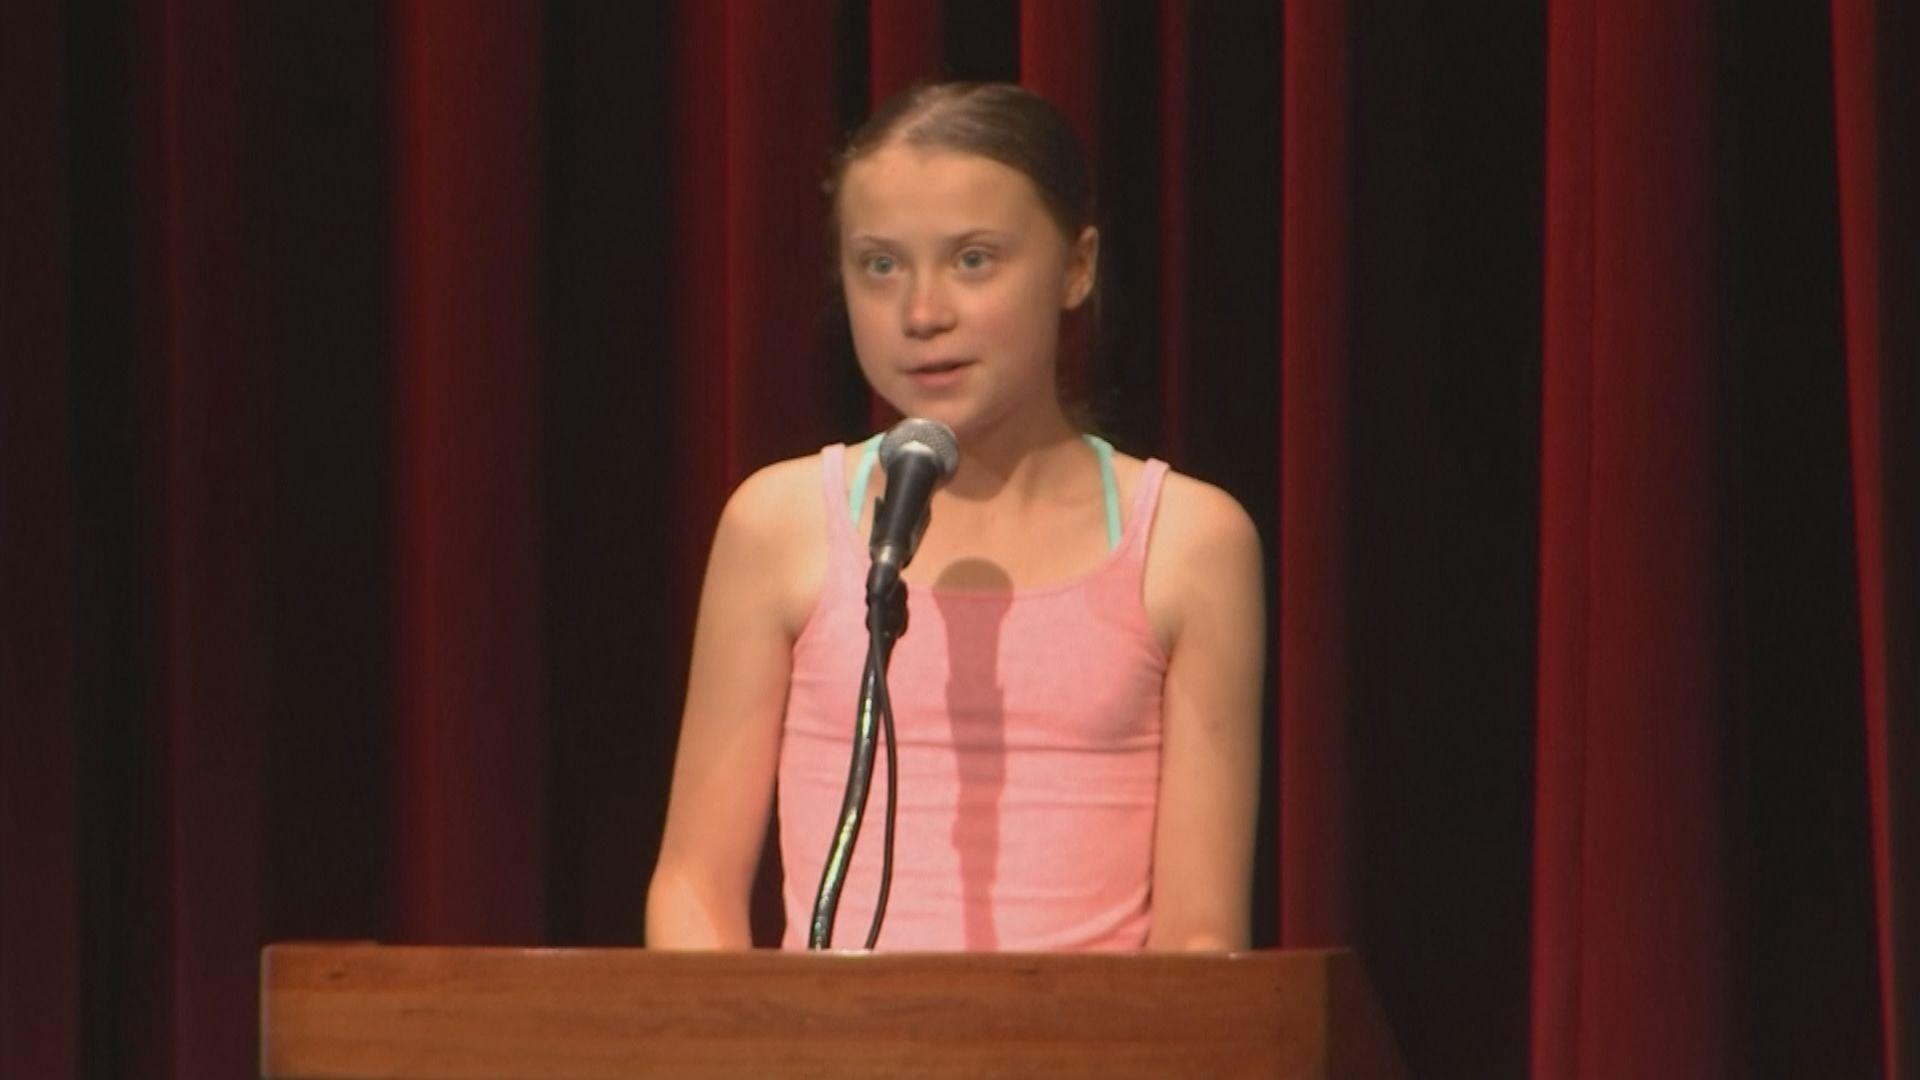 瑞典少女通貝里獲頒良心大使獎